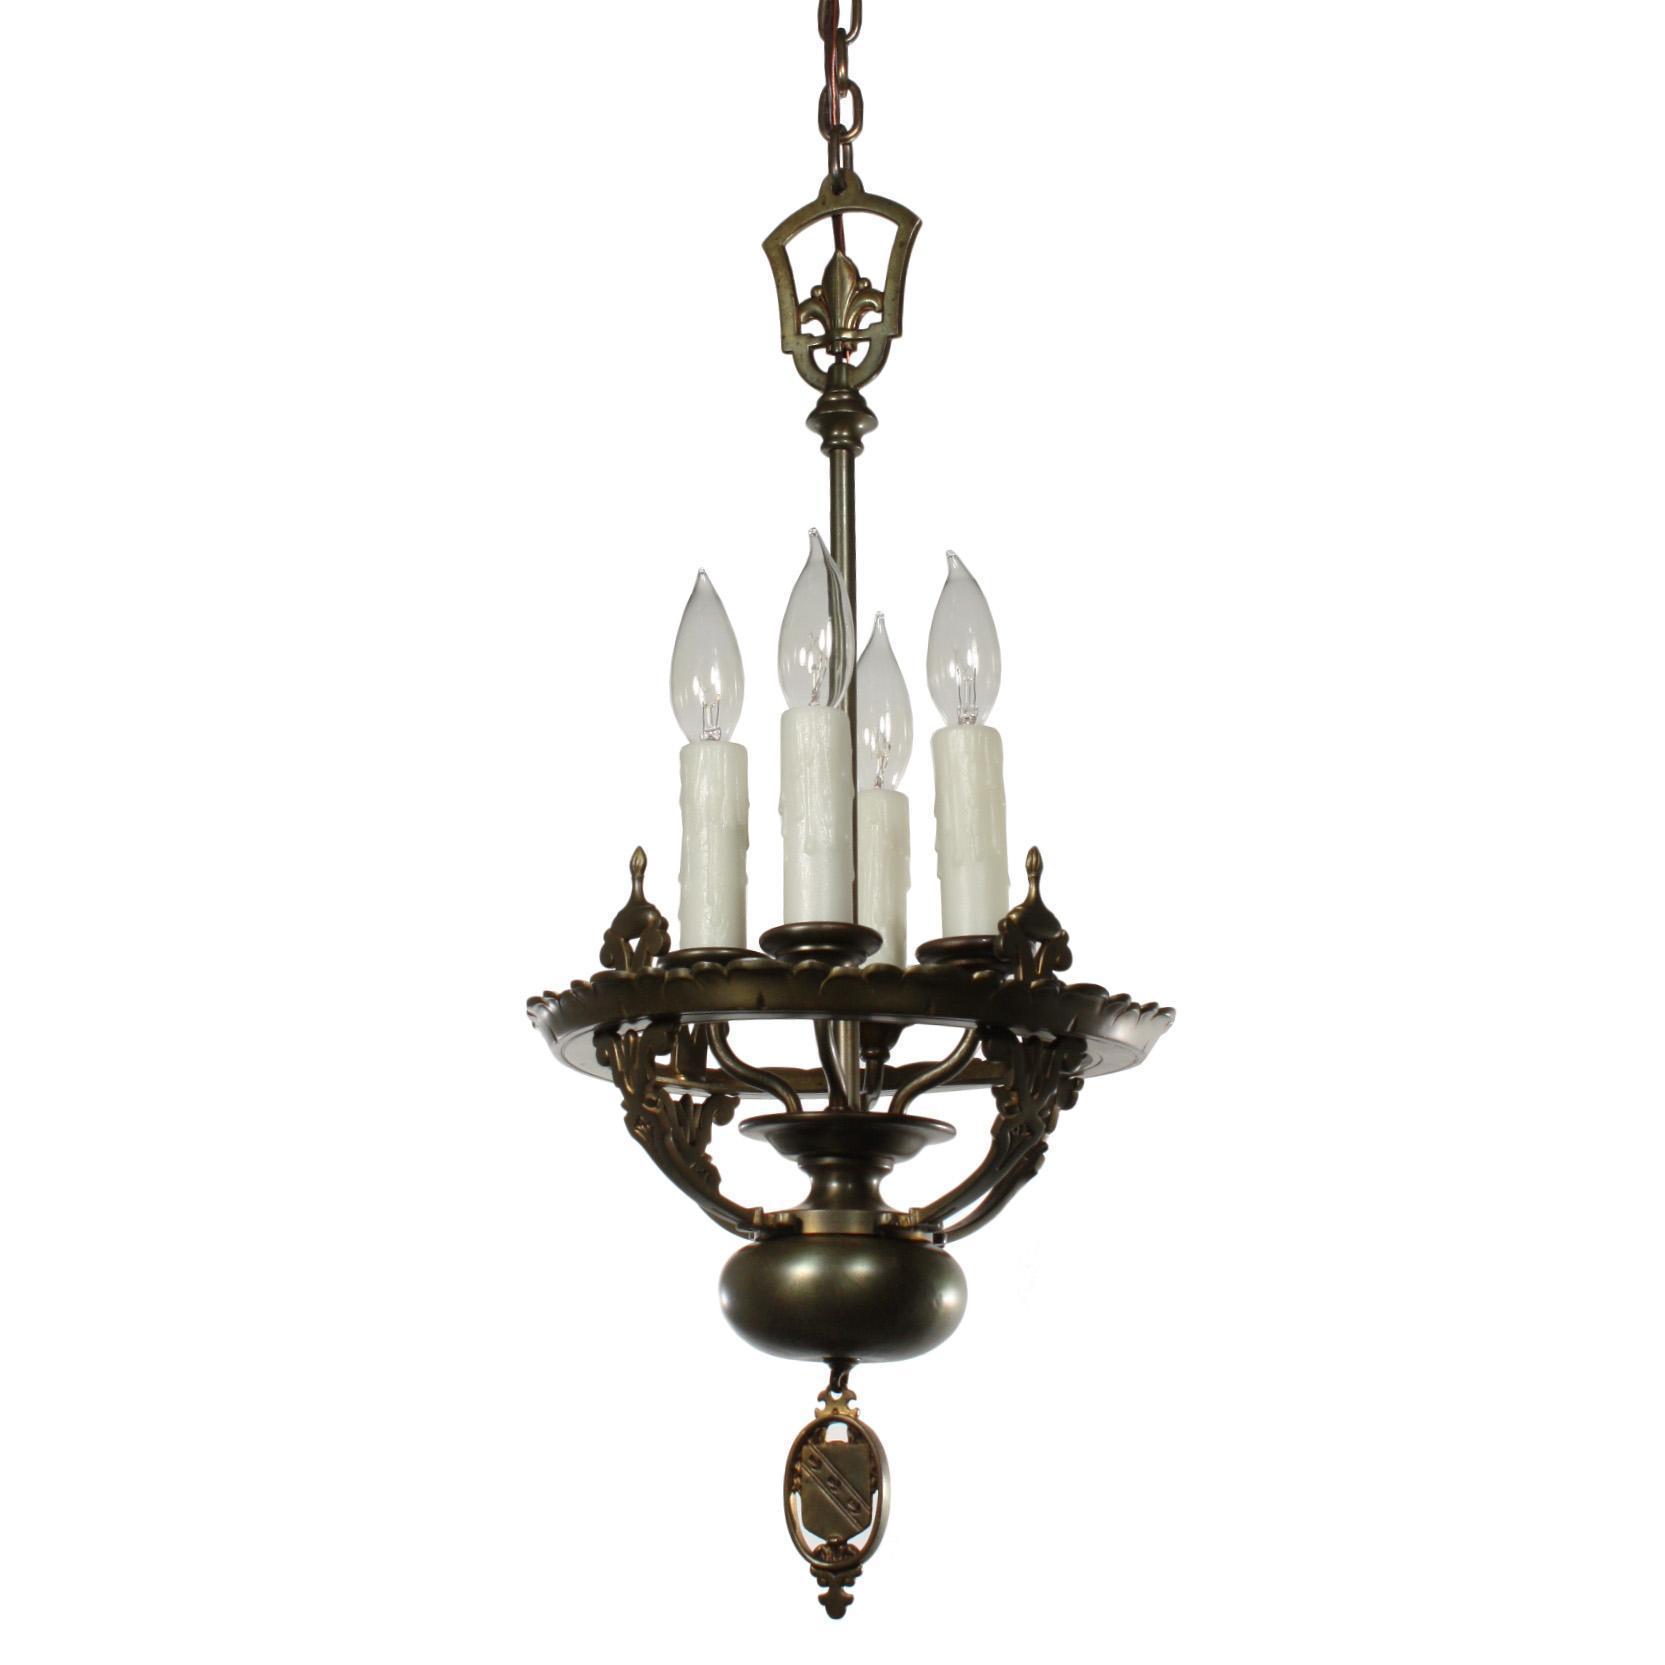 Gorgeous Antique Spanish Revival Pendant Light, Fleur-De-Lis